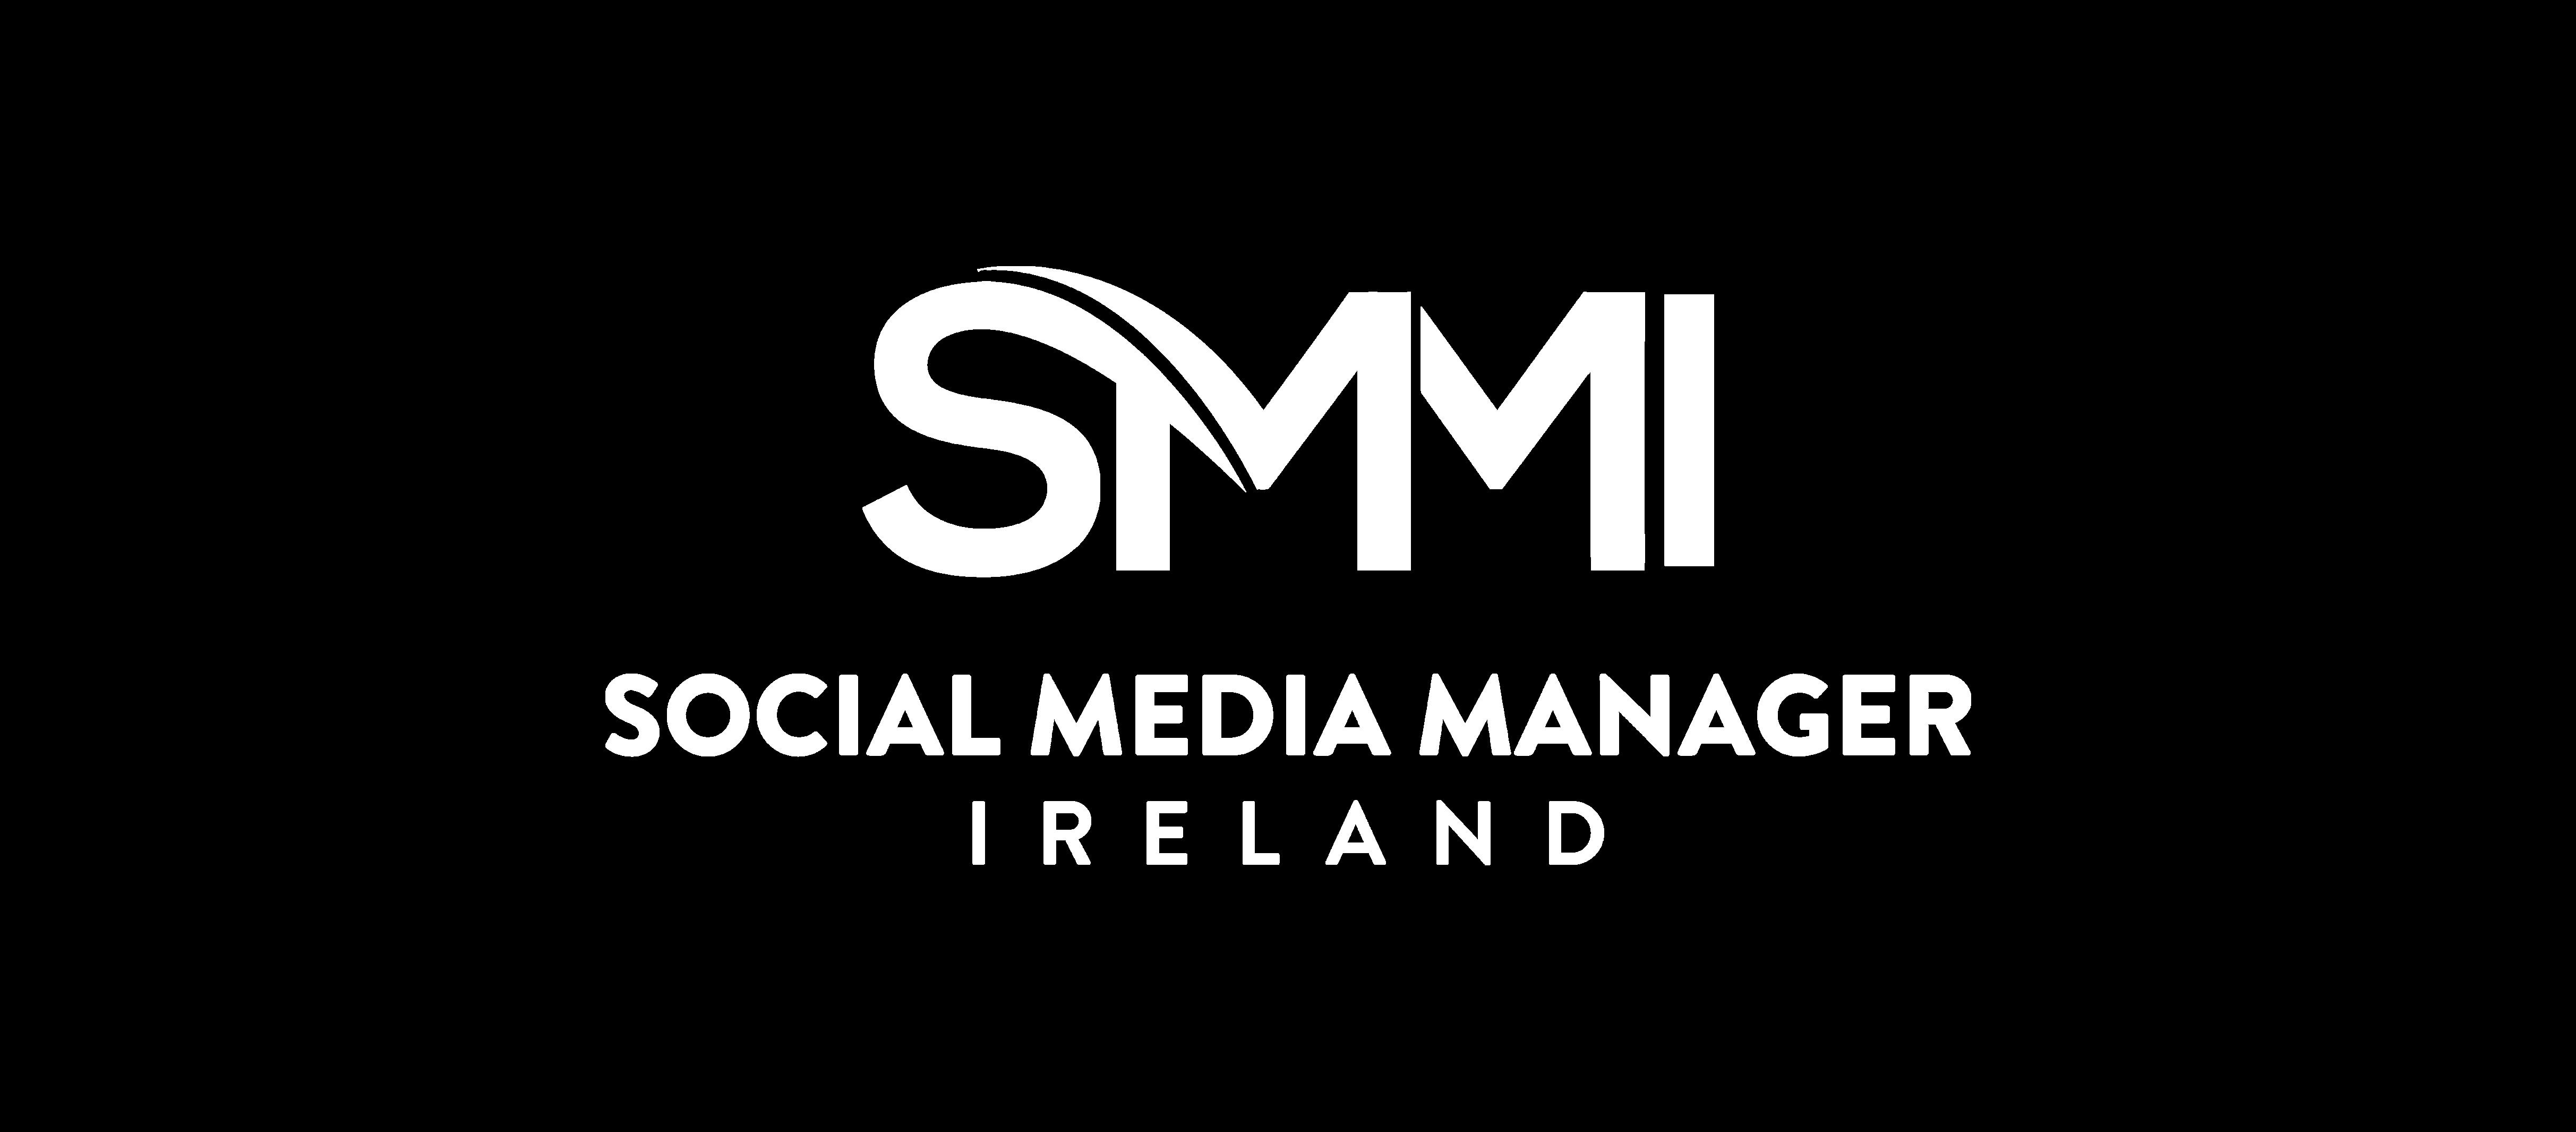 smmi-logo-white